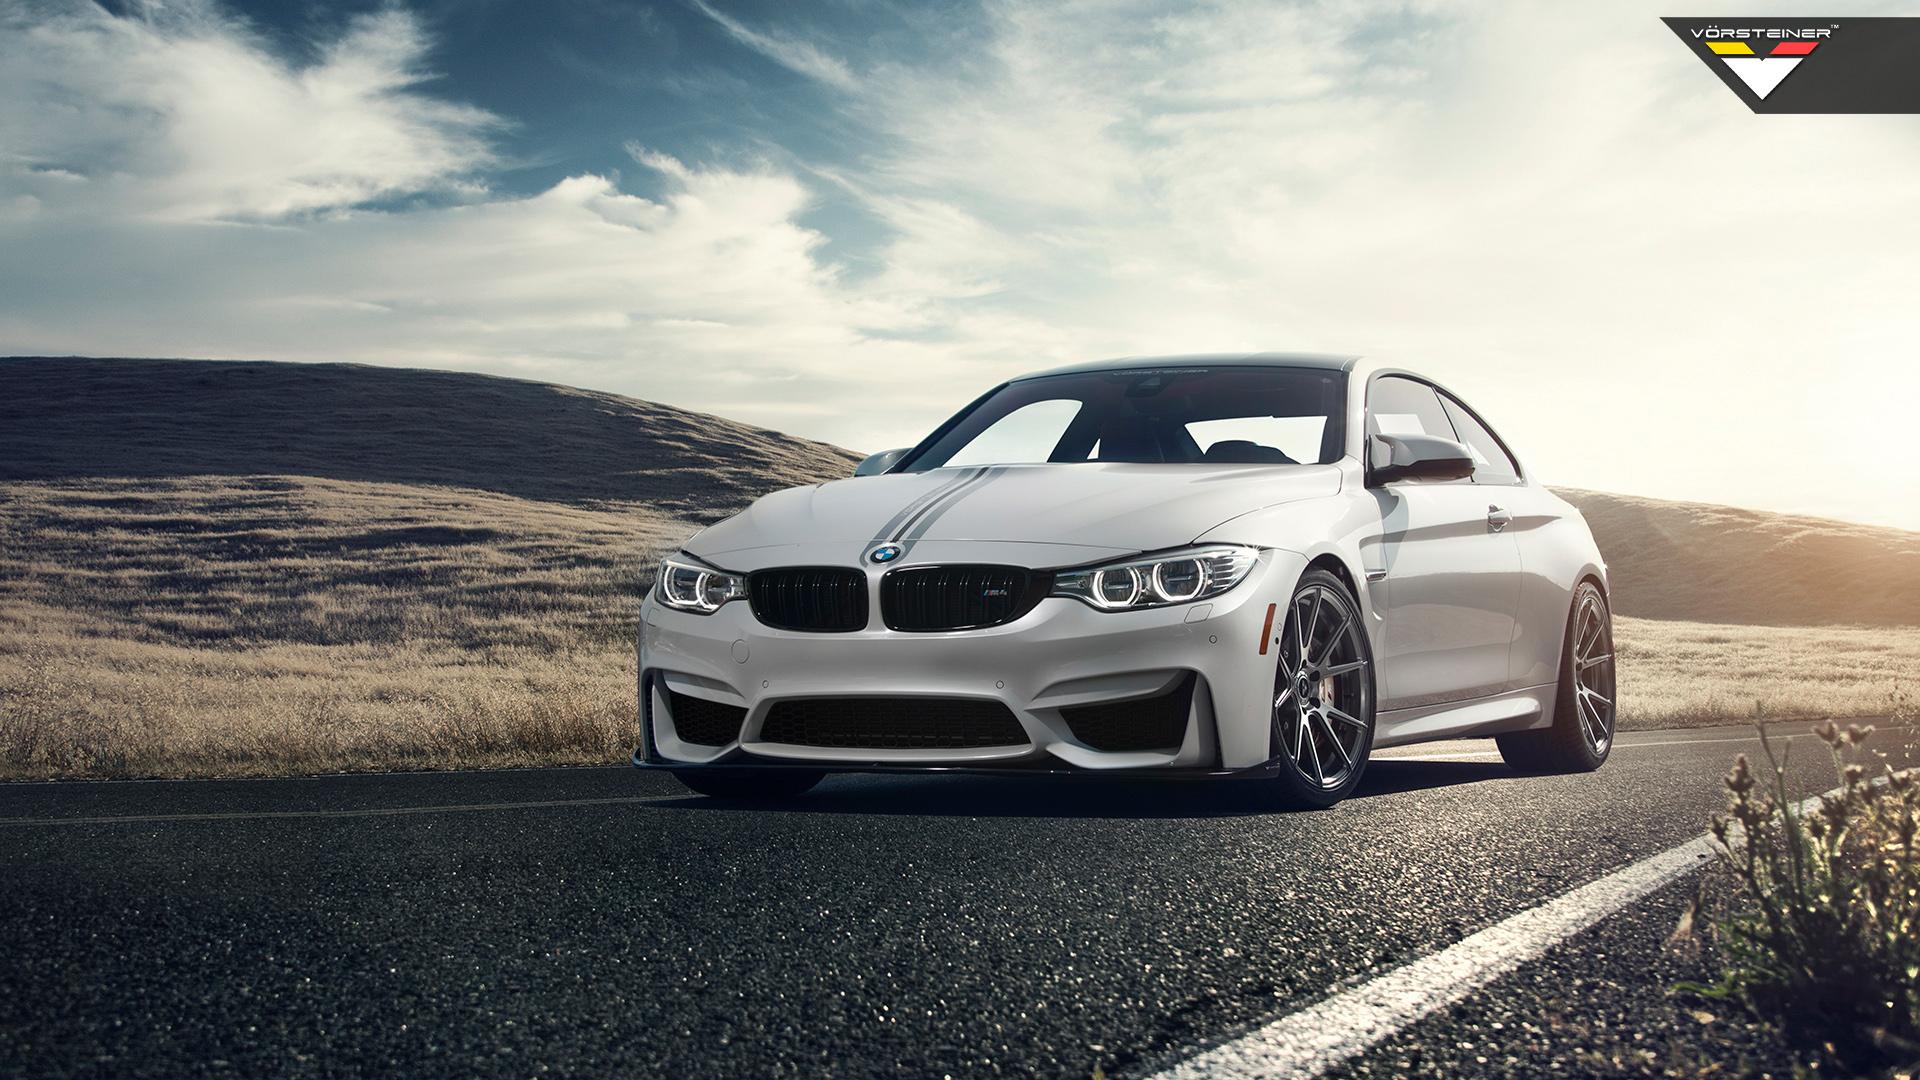 White BMW HD